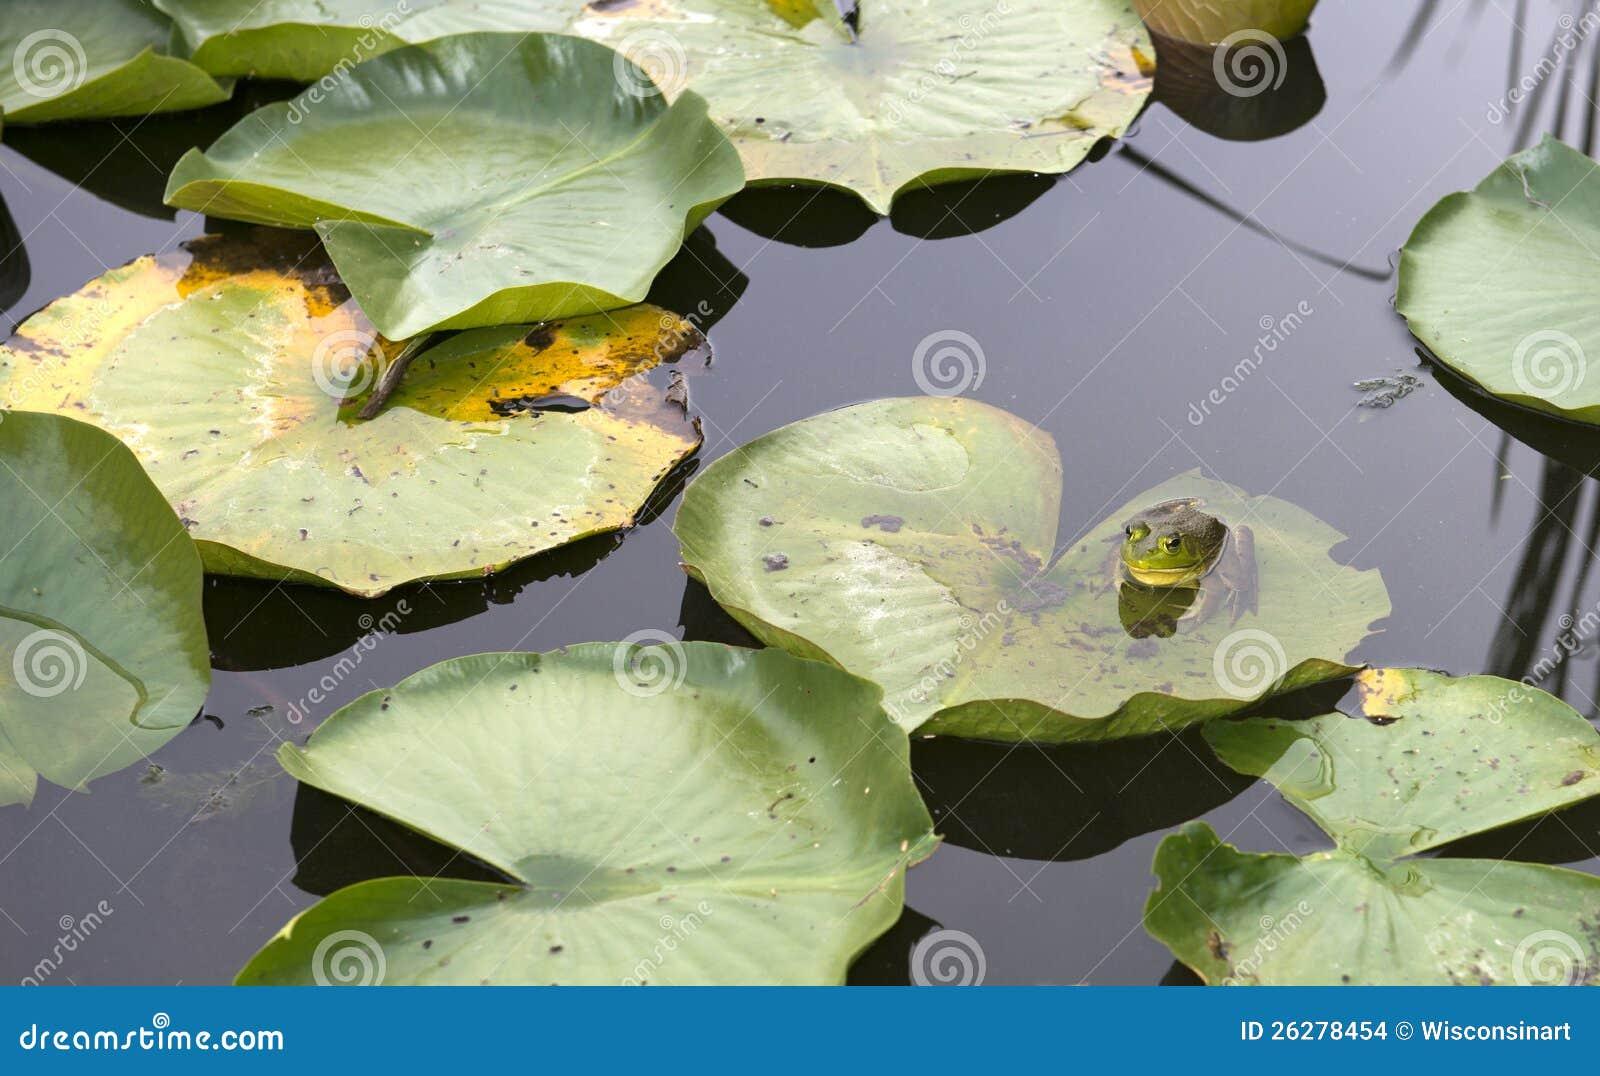 在睡莲叶和池塘水,本质,野生生物的青蛙